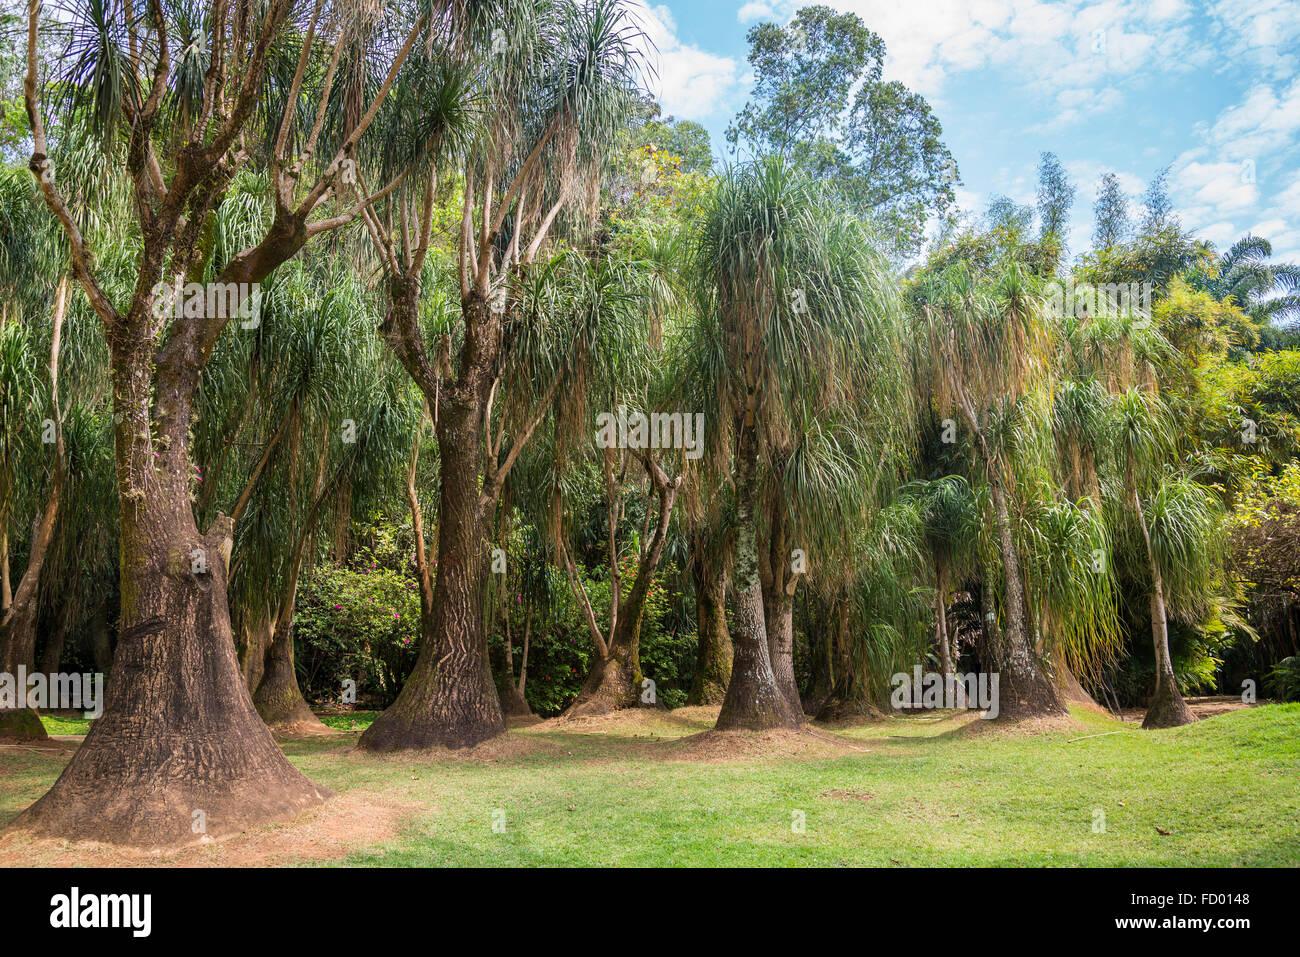 Beaucarnea Recurvata - der Elefantenfuß, Pferdeschwanz Palm, Inhotim Botanischer Garten und Museum für Stockbild